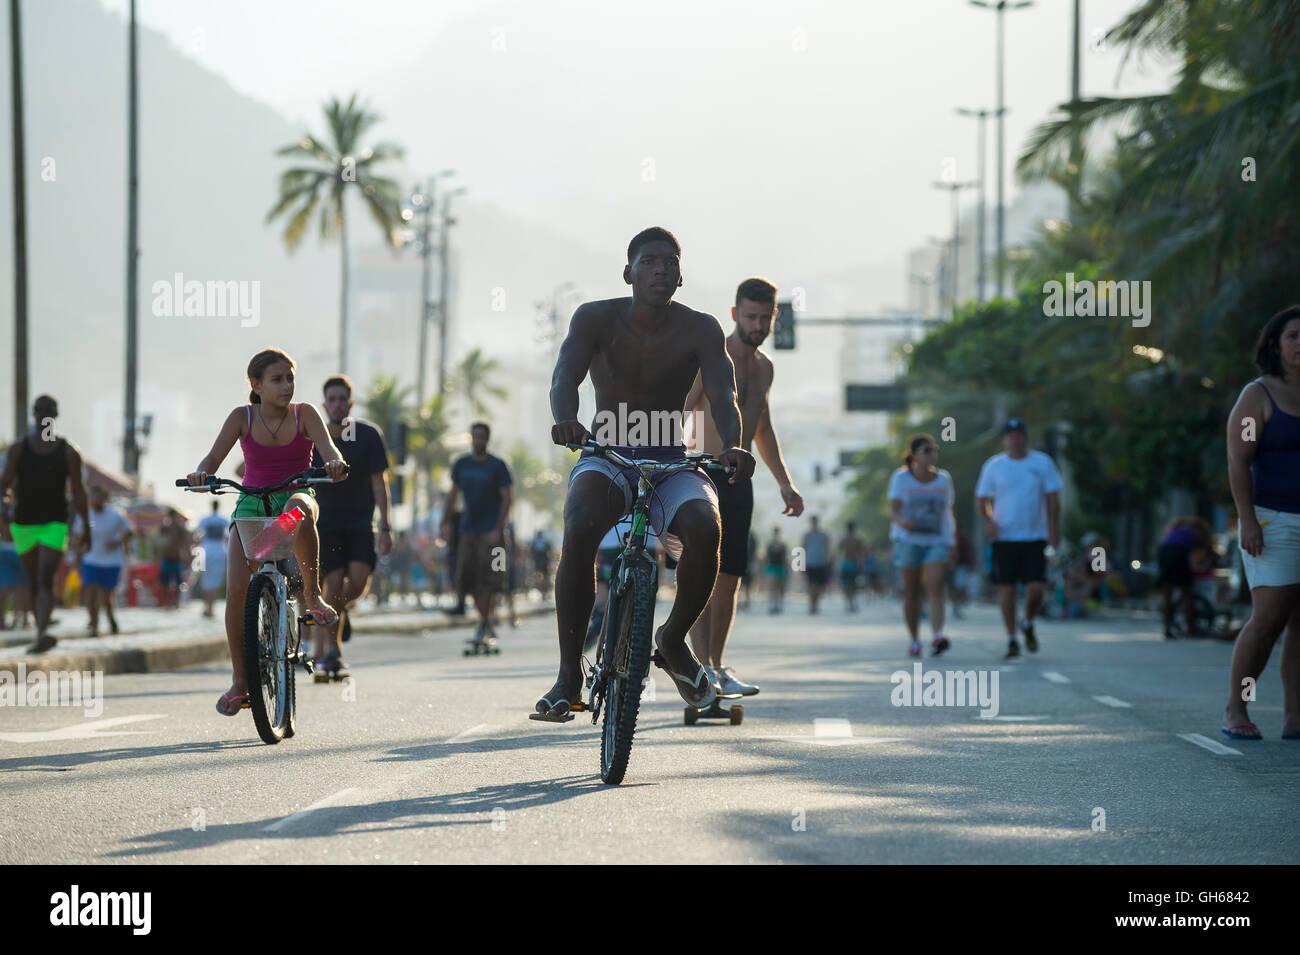 RIO DE JANEIRO - Marzo 6, 2016: peatones, ciclistas, corredores, patinadores y tomar ventaja de una tarde de domingo Imagen De Stock